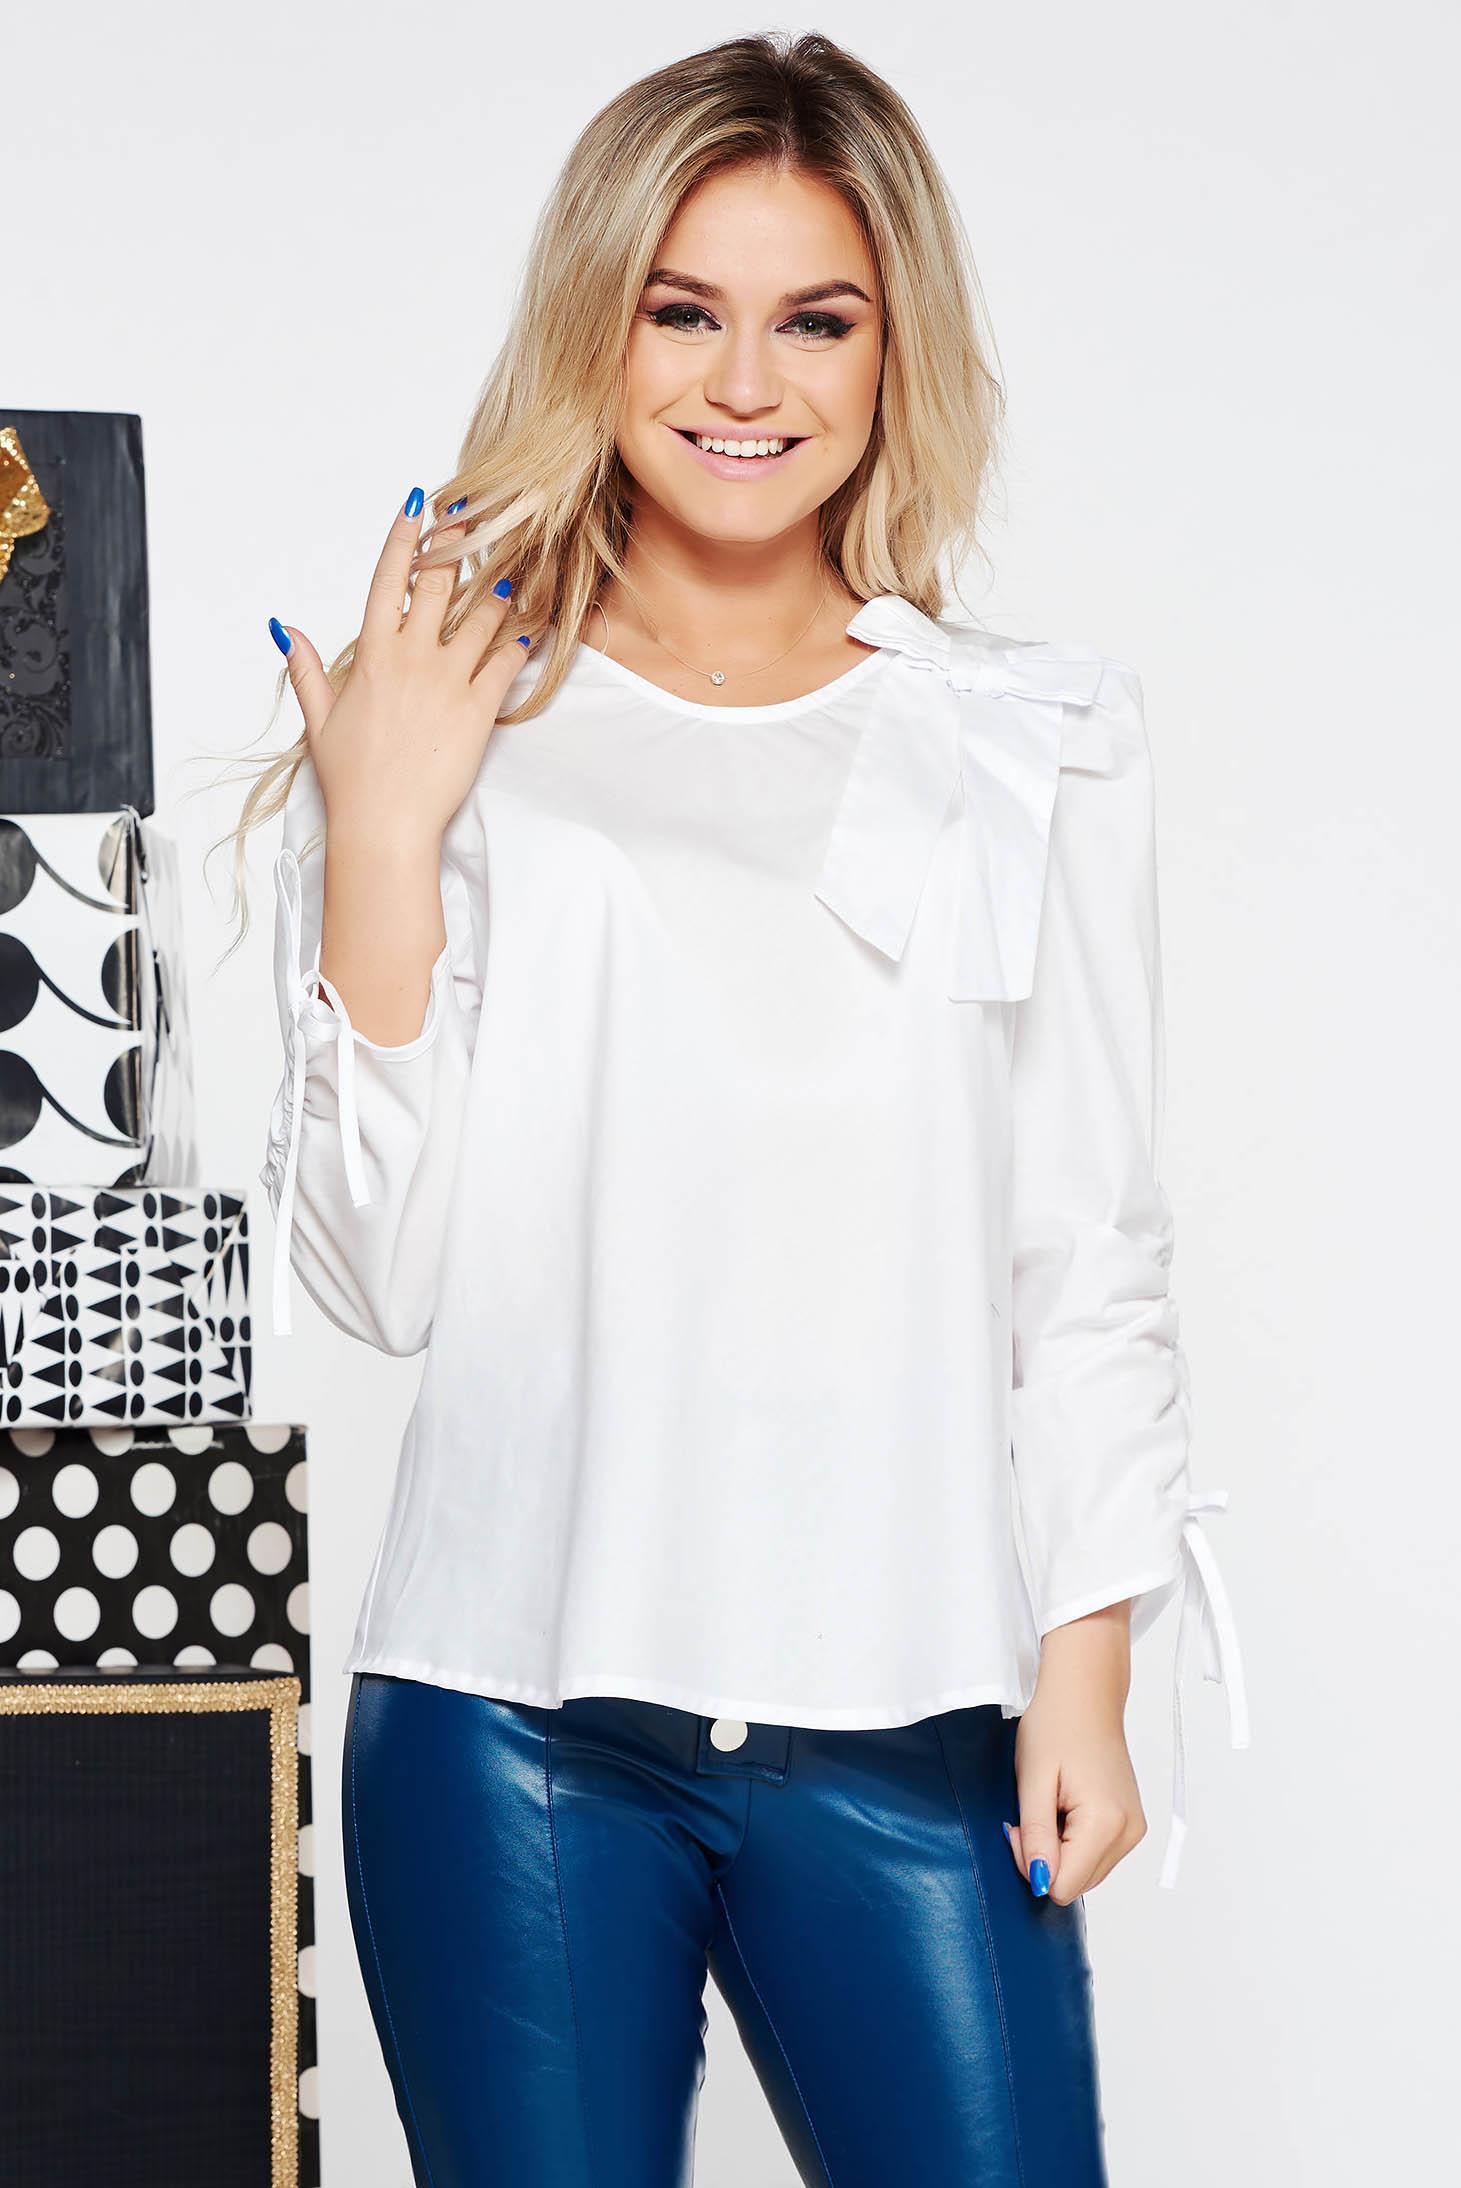 e188b61a06 Fehér StarShinerS casual bő szabású női blúz nem elasztikus pamut masni  díszítéssel